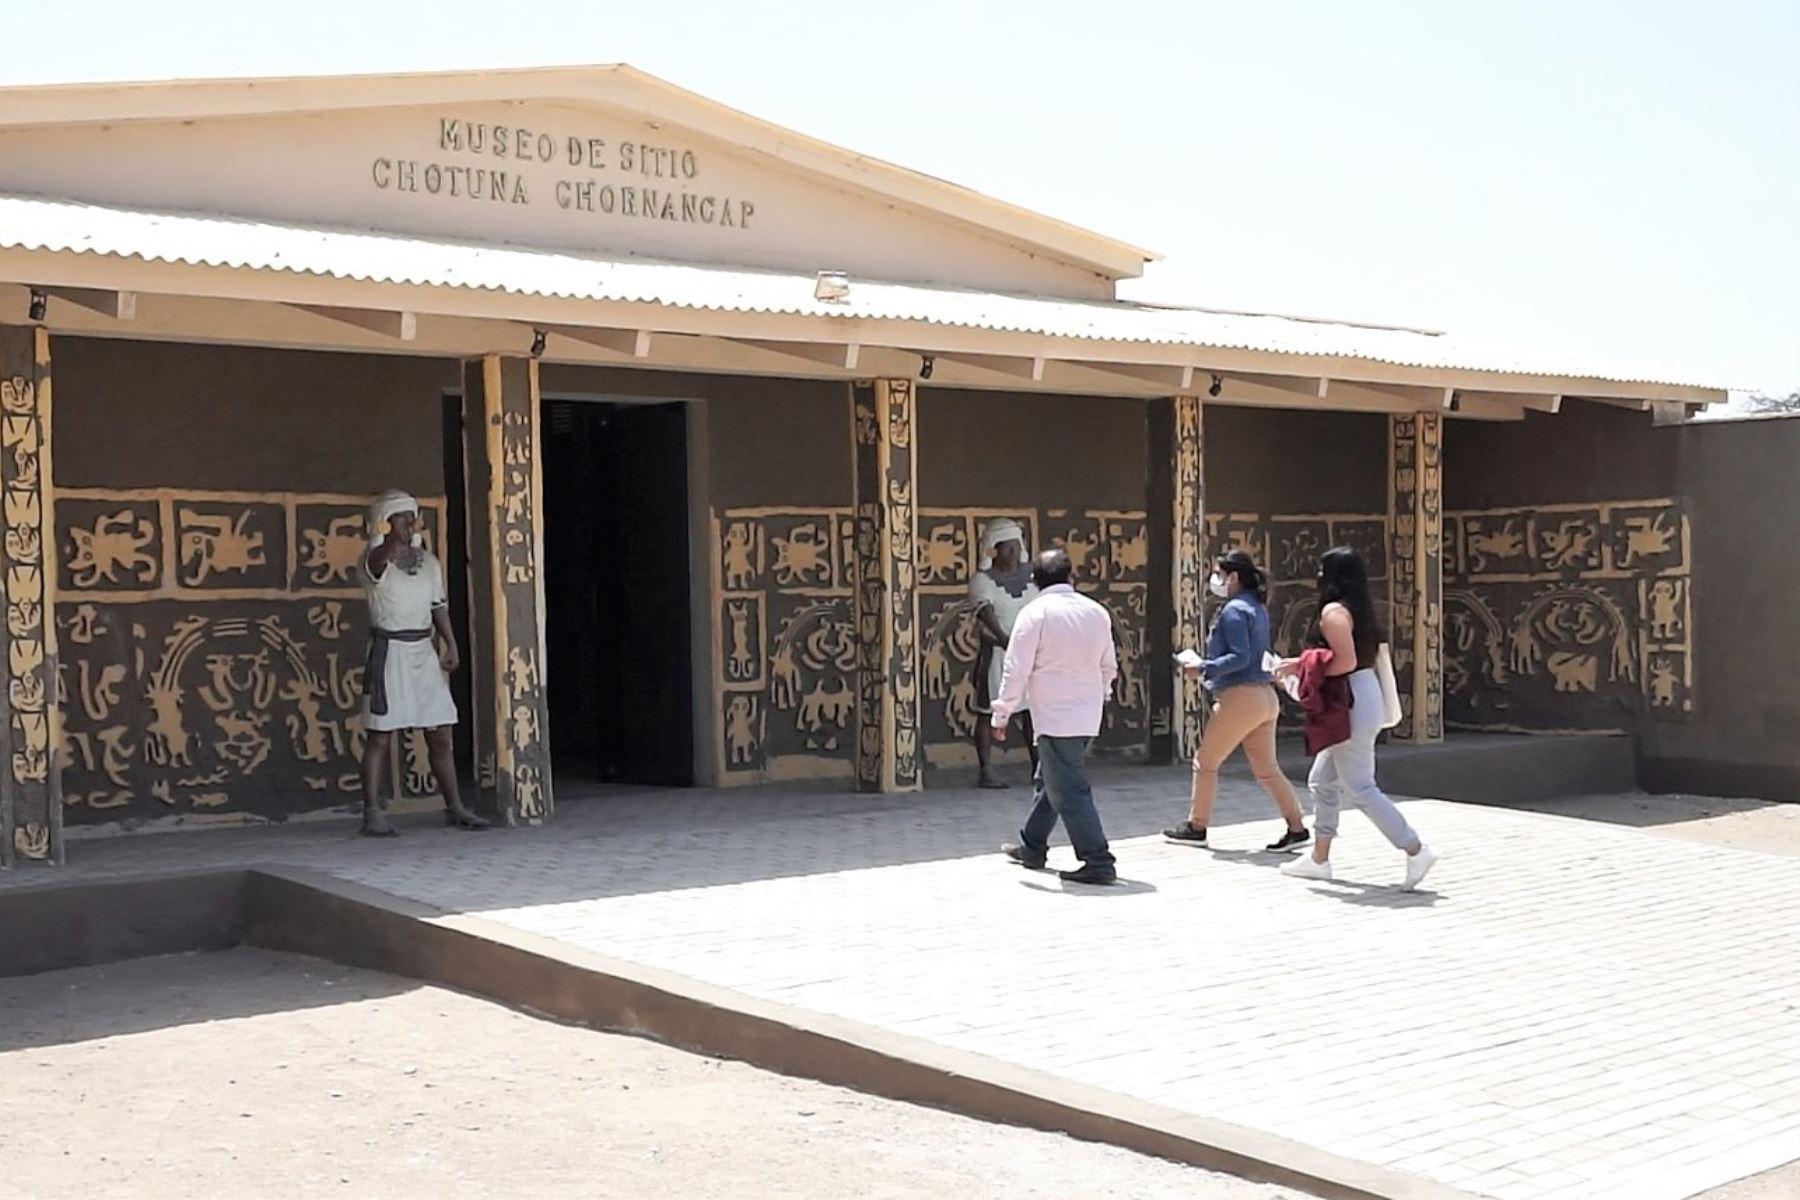 Museo Chotuna-Chornancap fue el primero en reabrir sus puertas en Lambayeque | Noticias